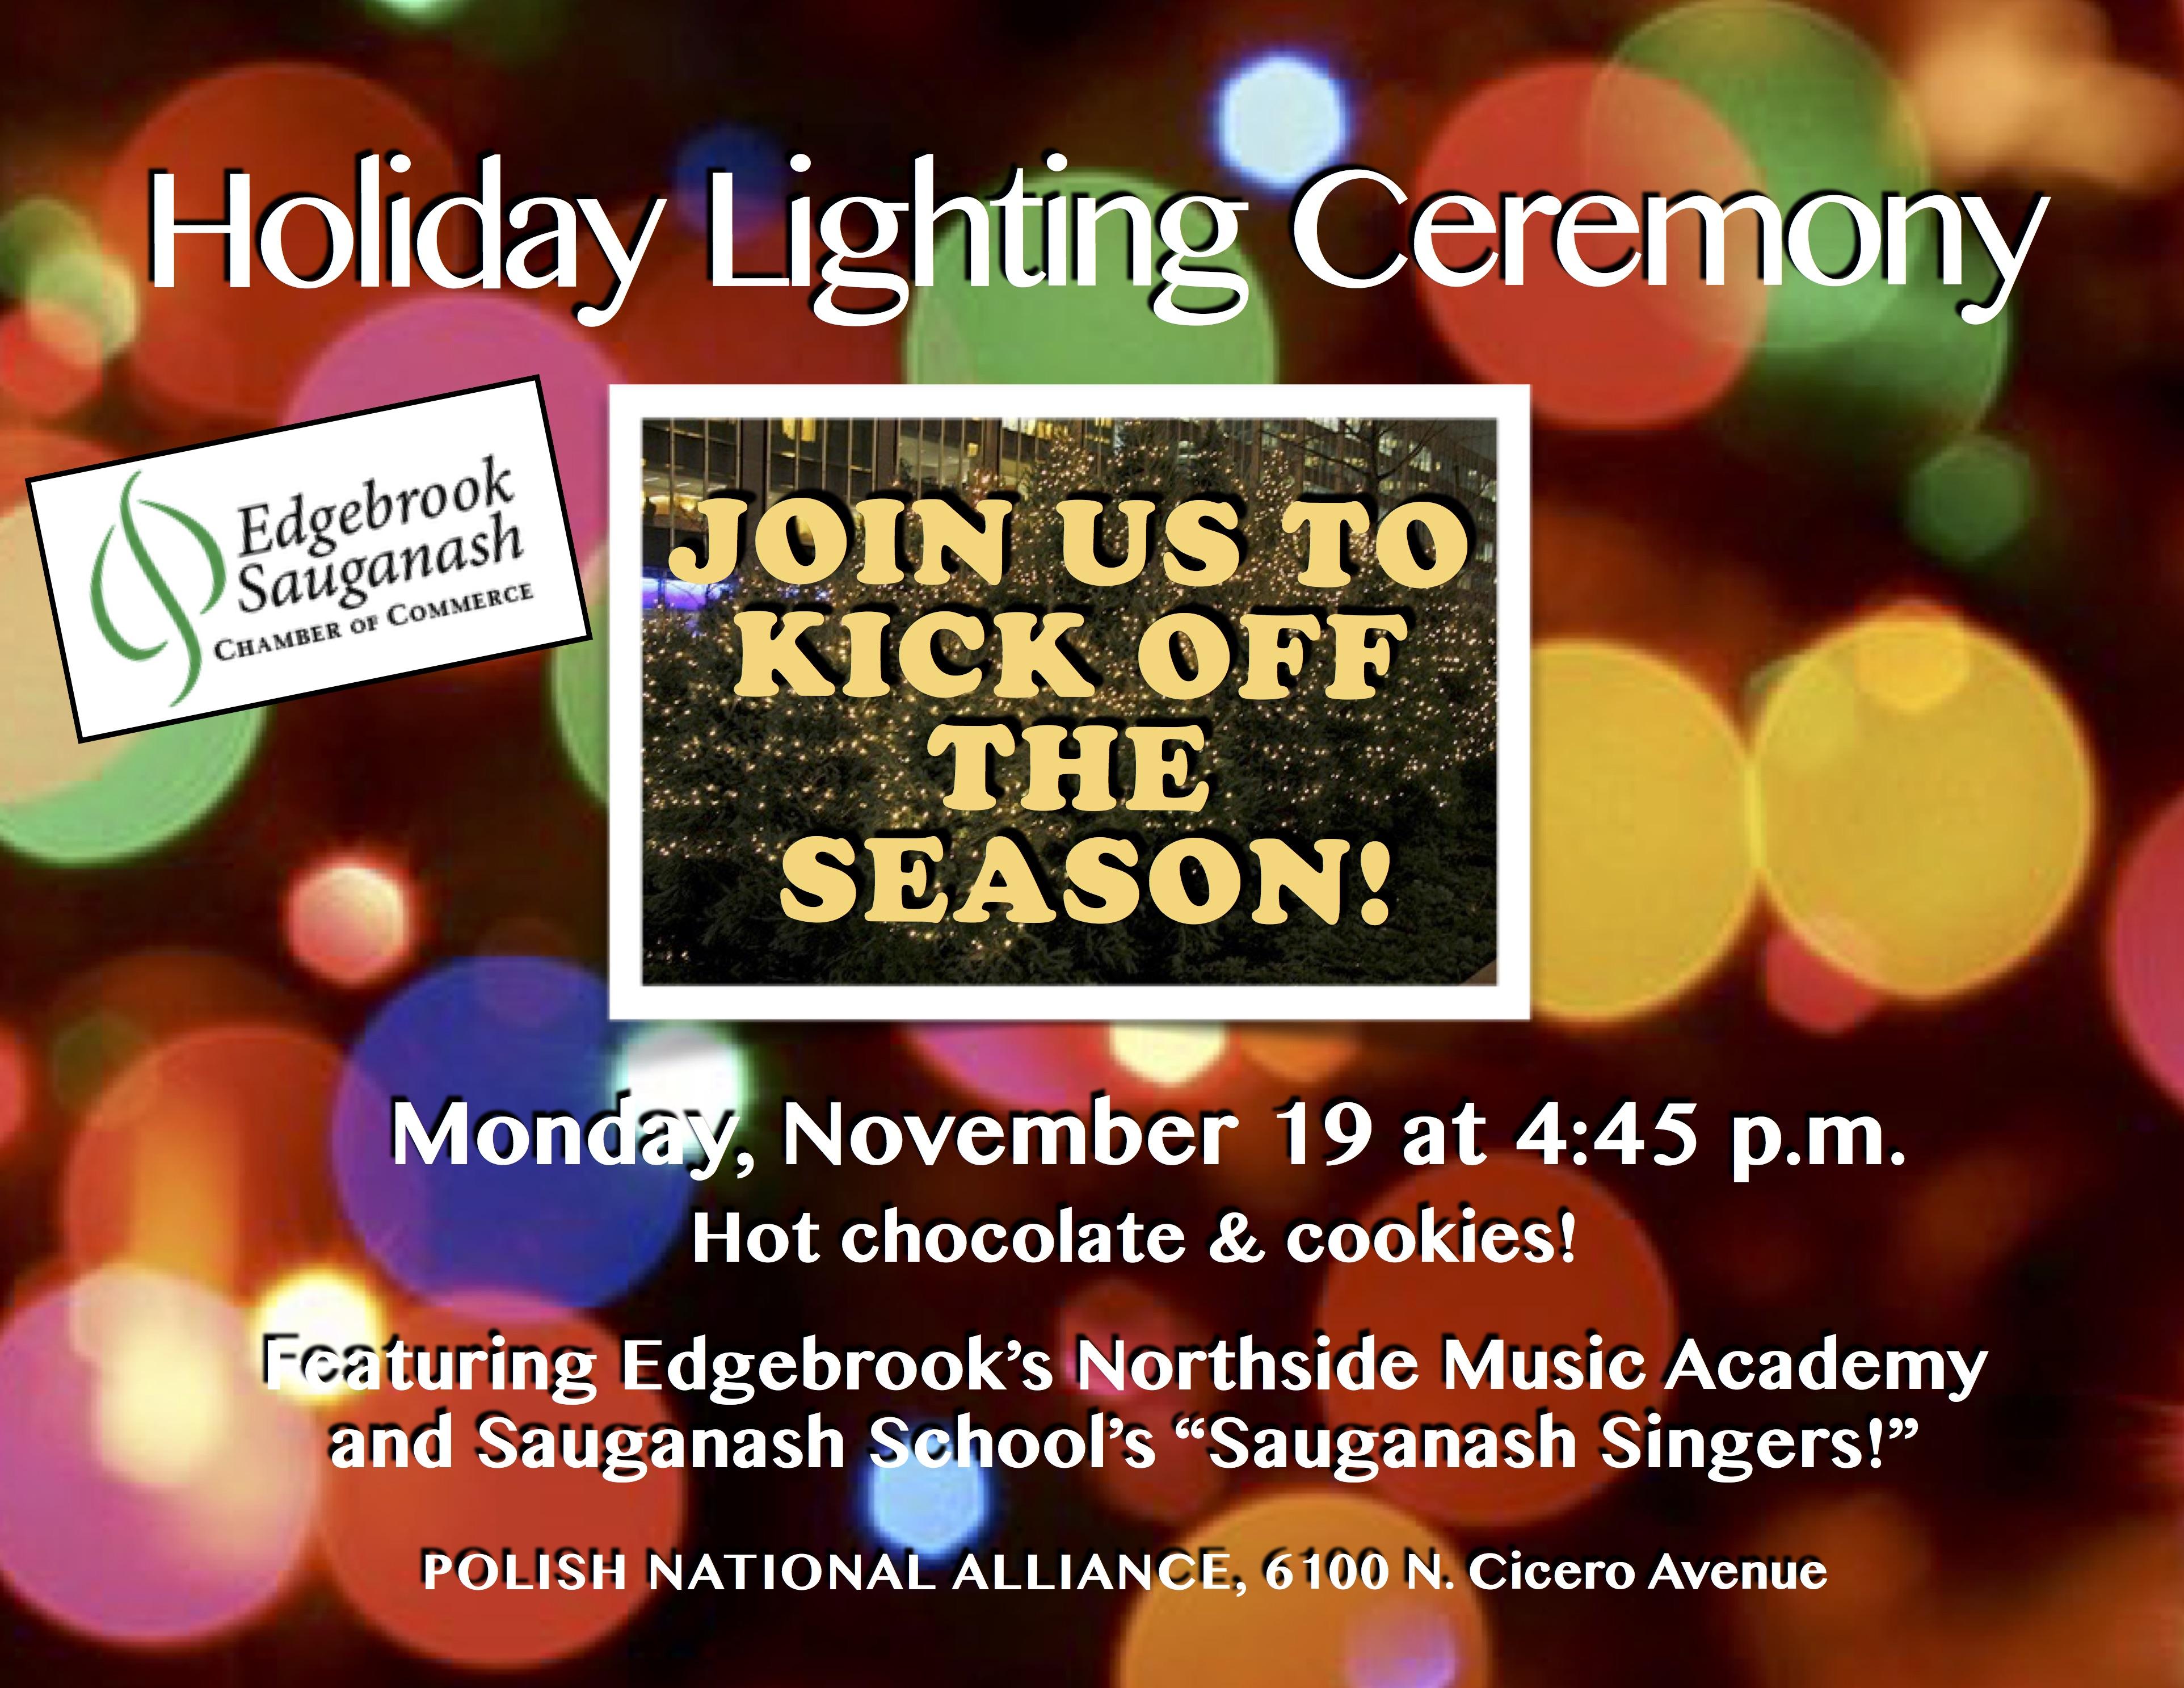 Sauganash Christmas Light 2020 2018 Sauganash Holiday Lighting Ceremony Landscape | ESCC60646.com